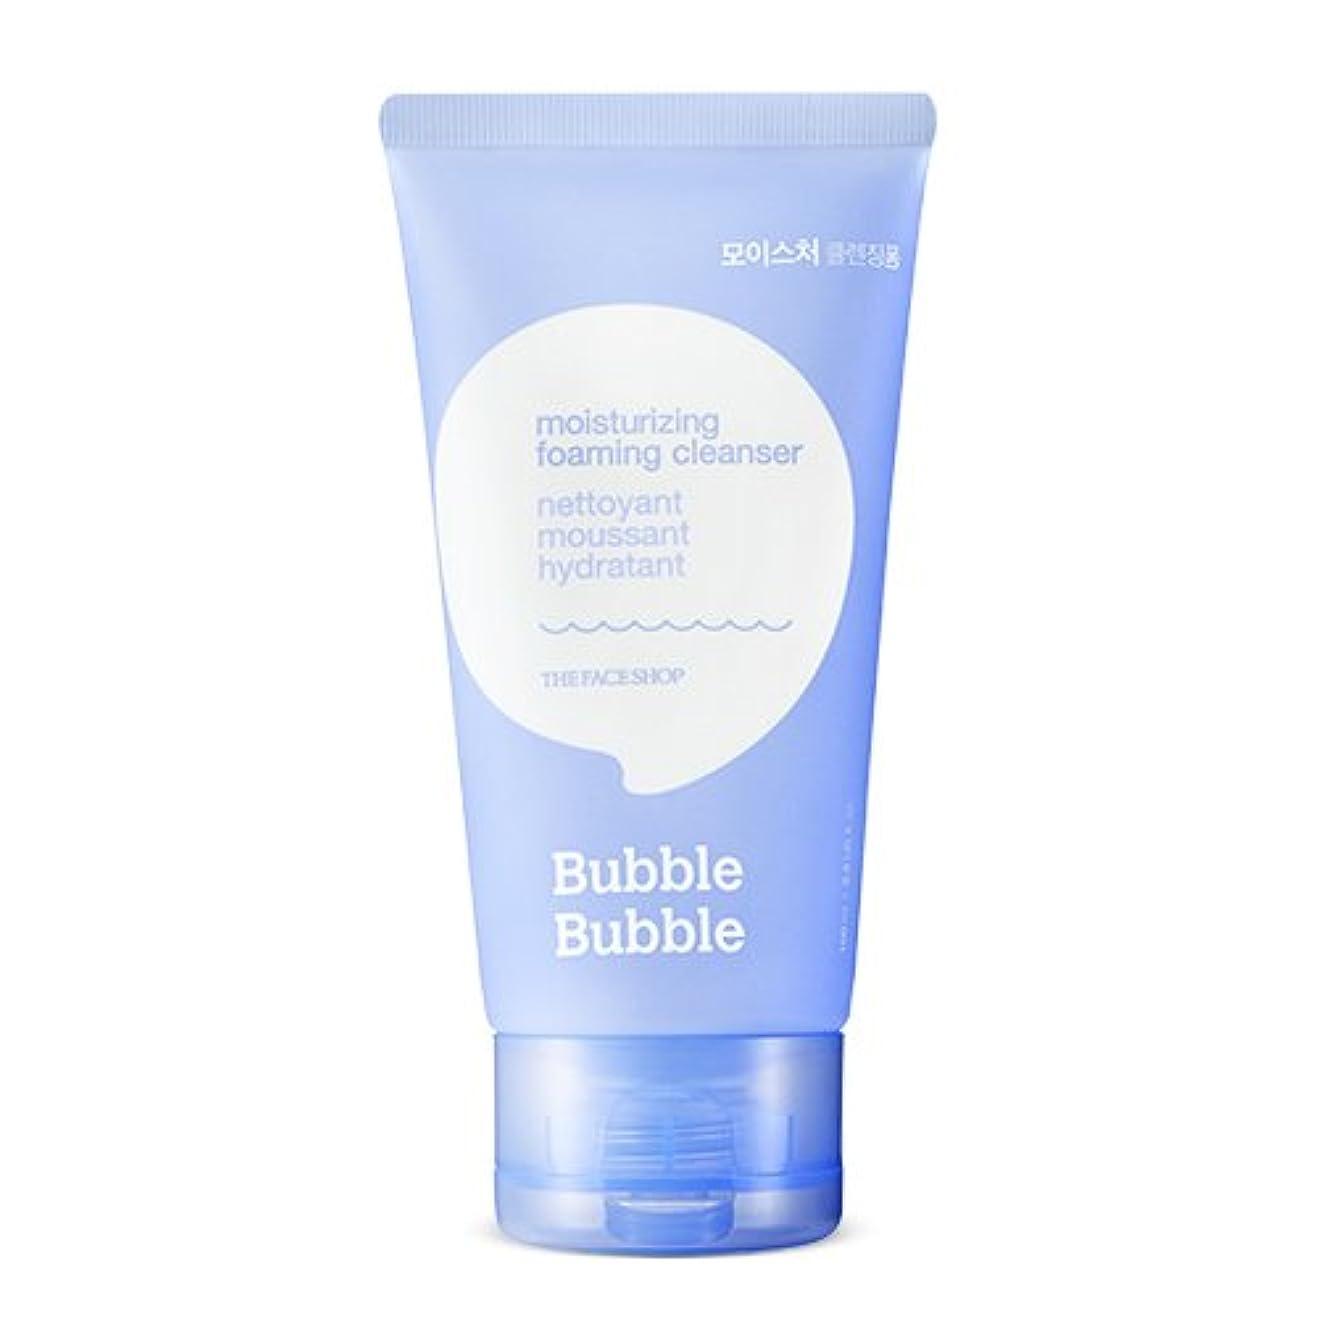 偶然のクリエイティブ海嶺THE FACE SHOP Bubble Bubble Foaming Cleanser 100ml/ザフェイスショップ バブル バブル フォーミング クレンザー 100ml (#Moisturizing(モイスチャー)) [並行輸入品]